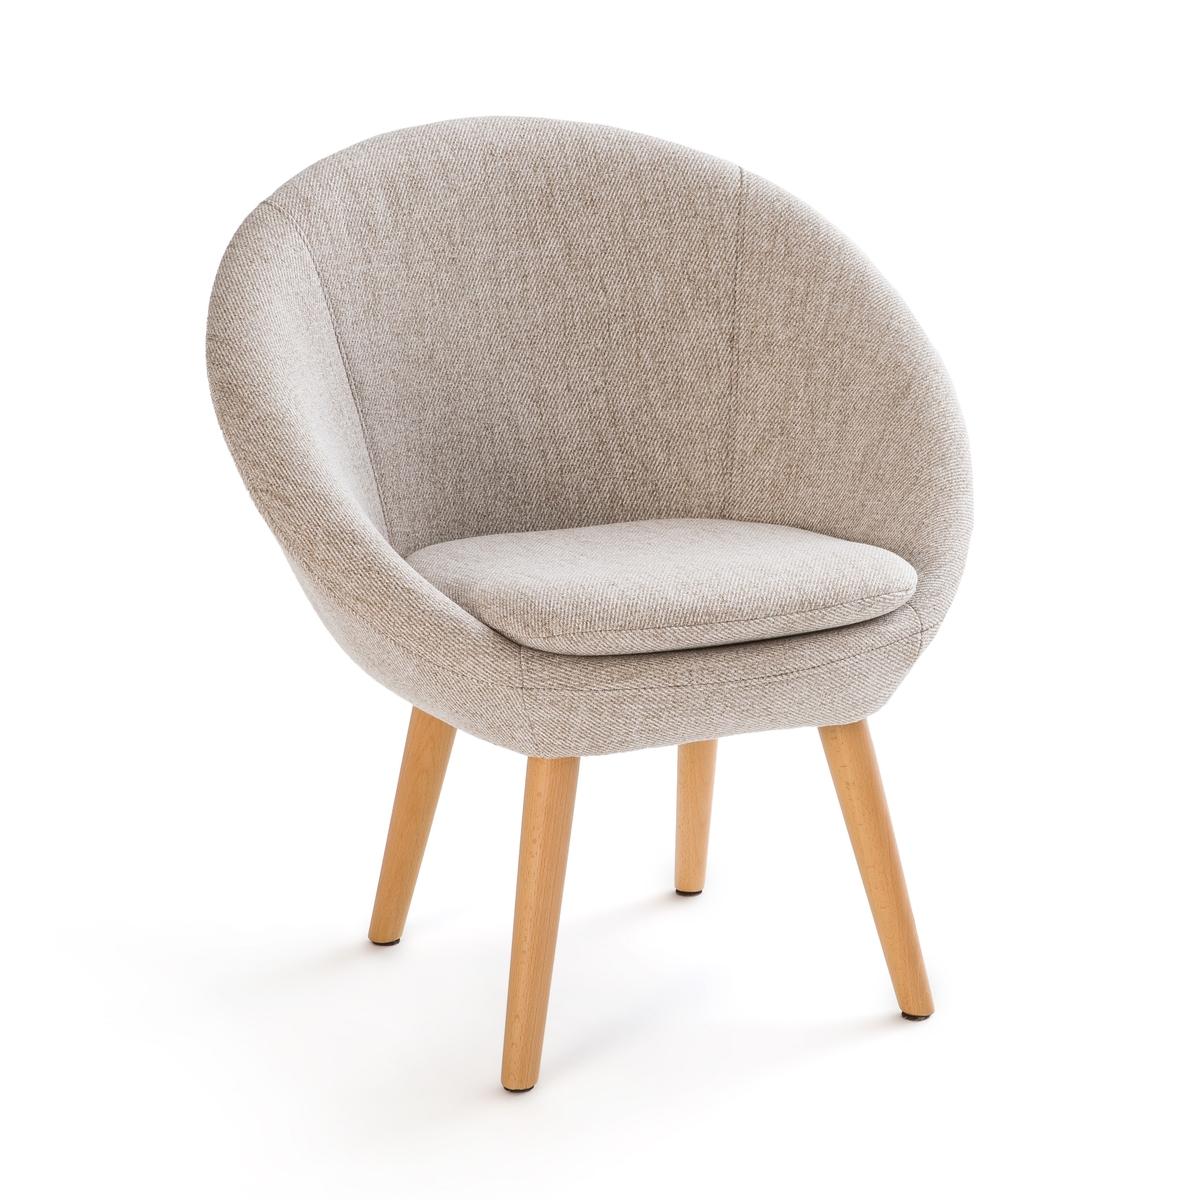 Кресло LaRedoute Круглое с ножками из массива бука Jimi единый размер бежевый